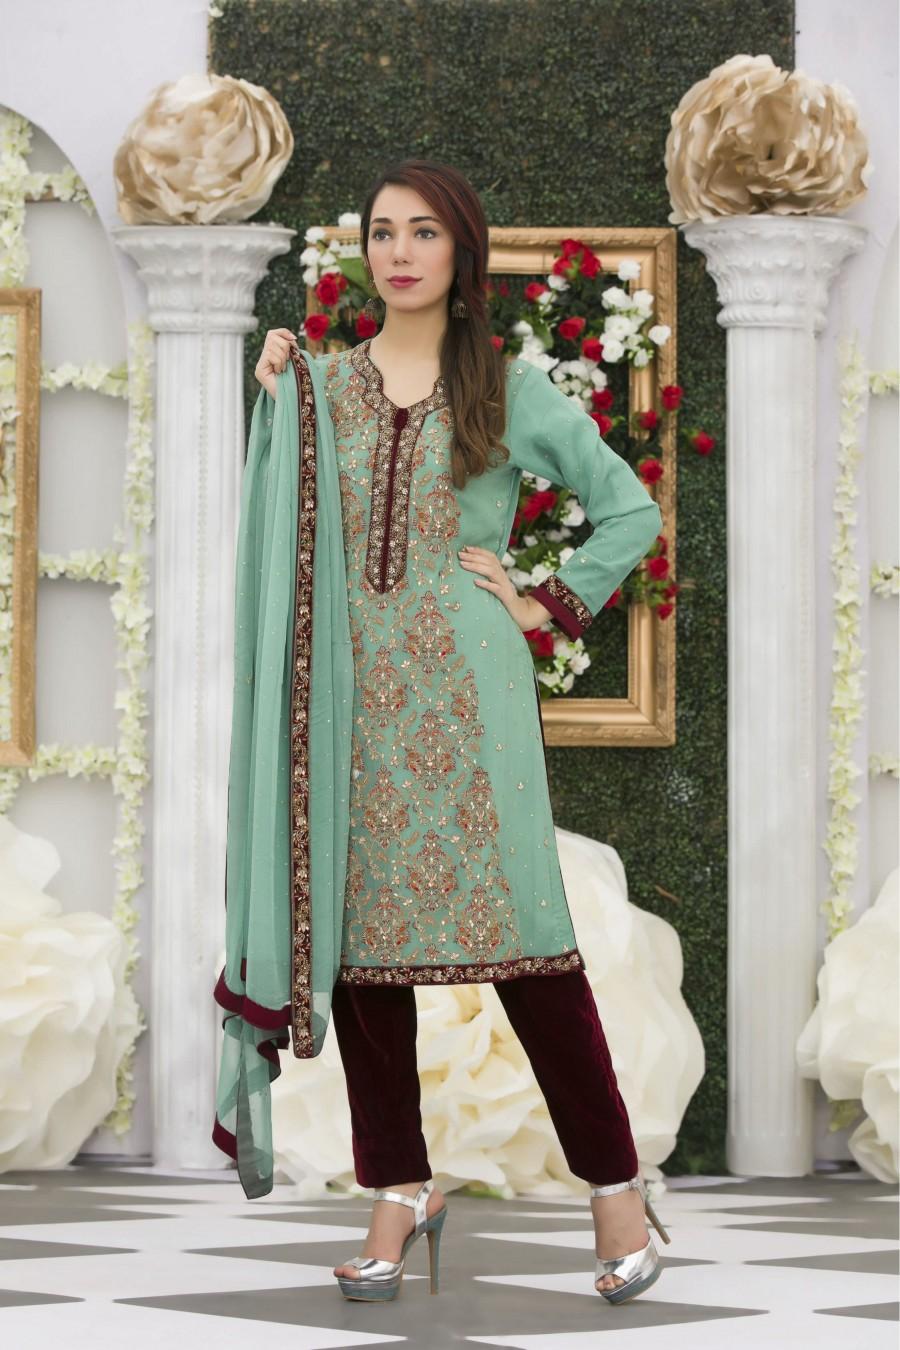 green indian wedding dress wwwpixsharkcom images